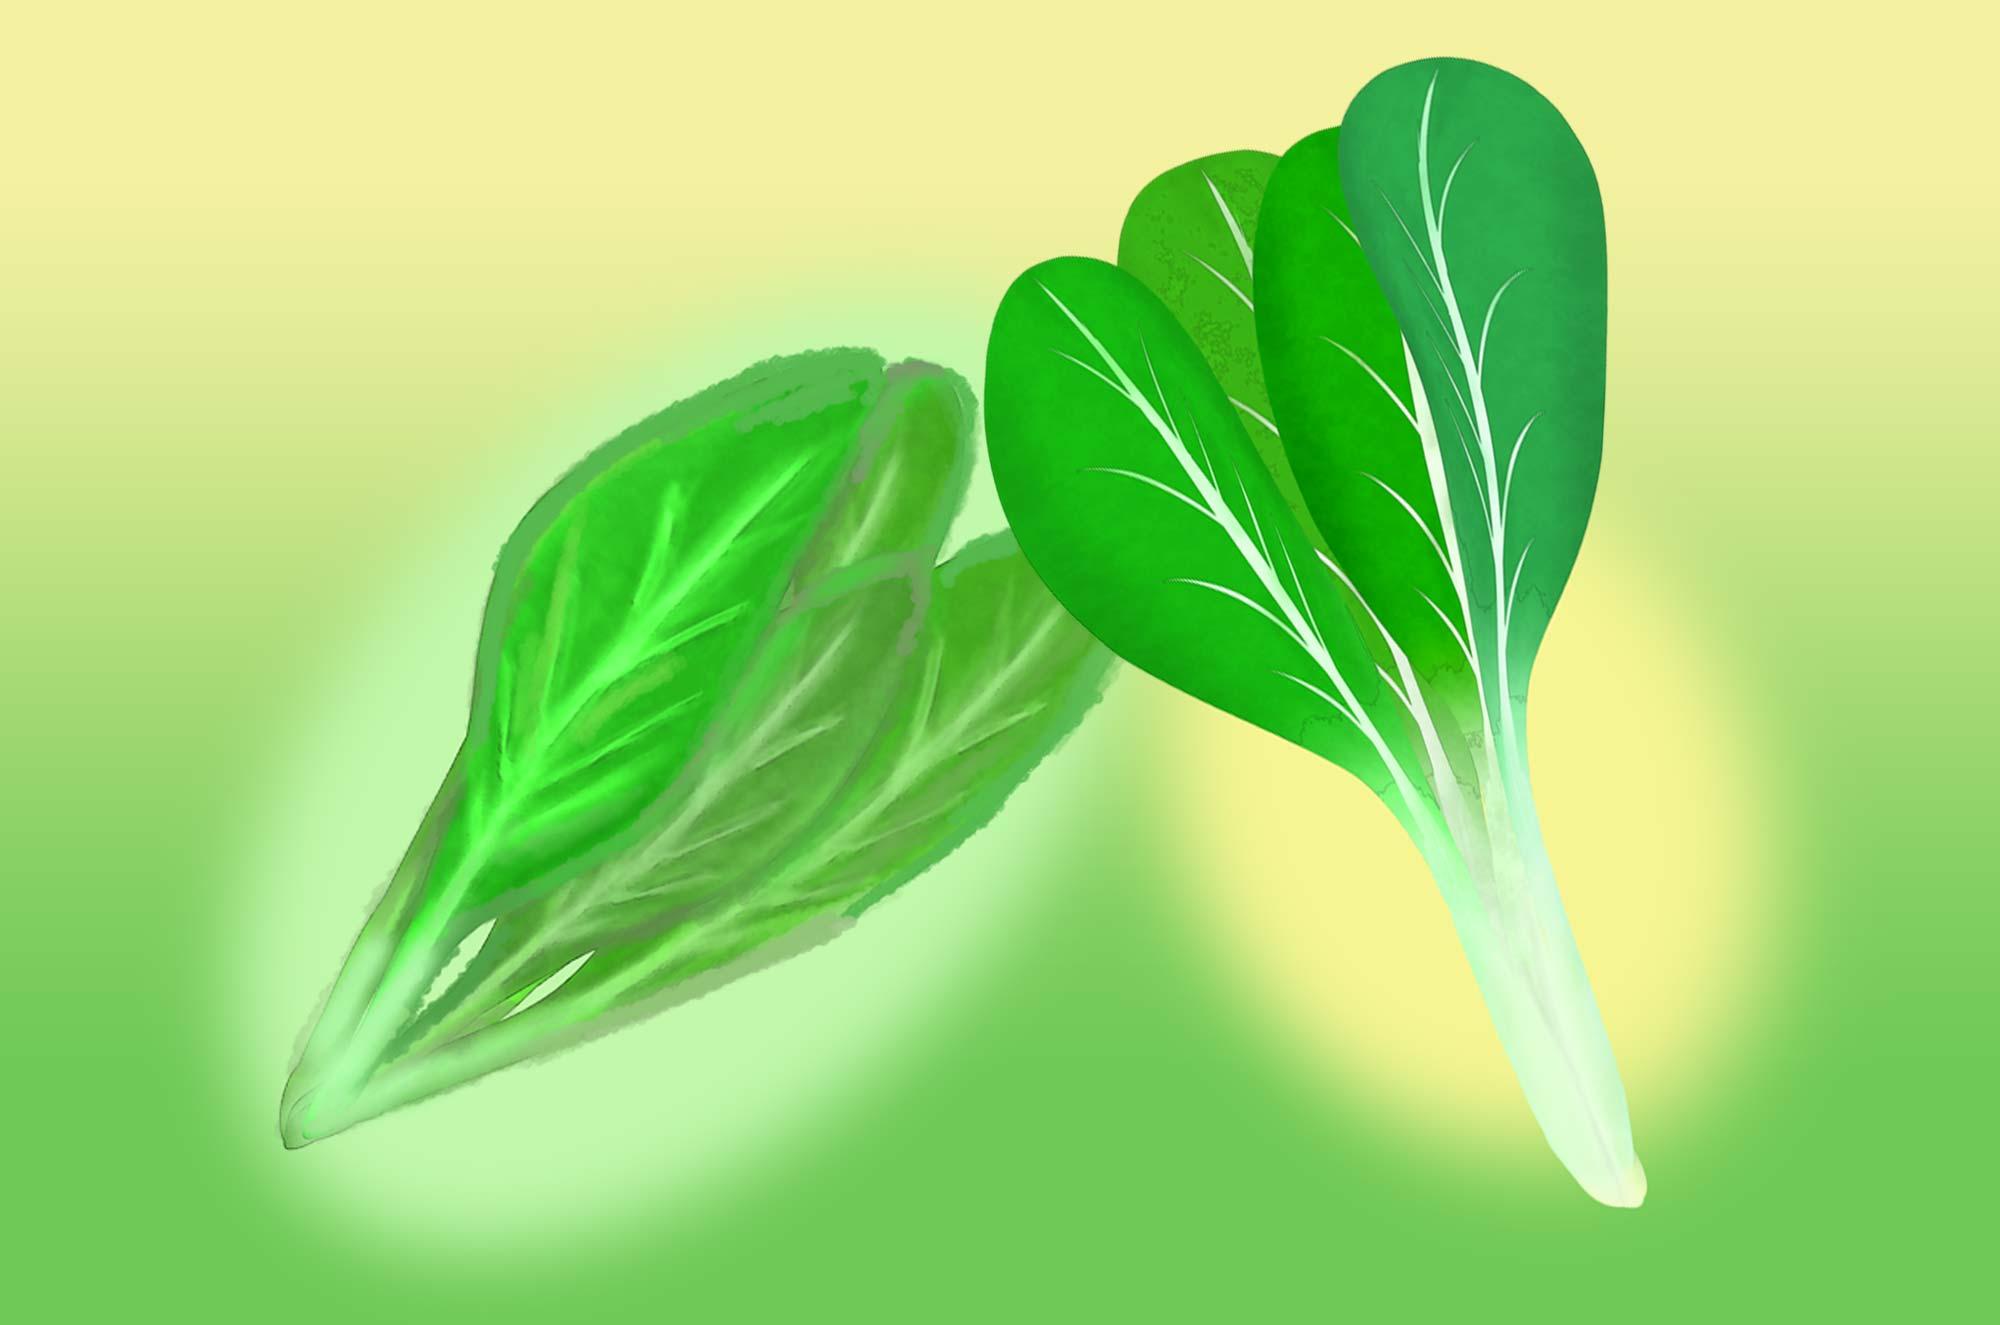 小松菜のイラスト - 新鮮野菜の手書きの無料素材